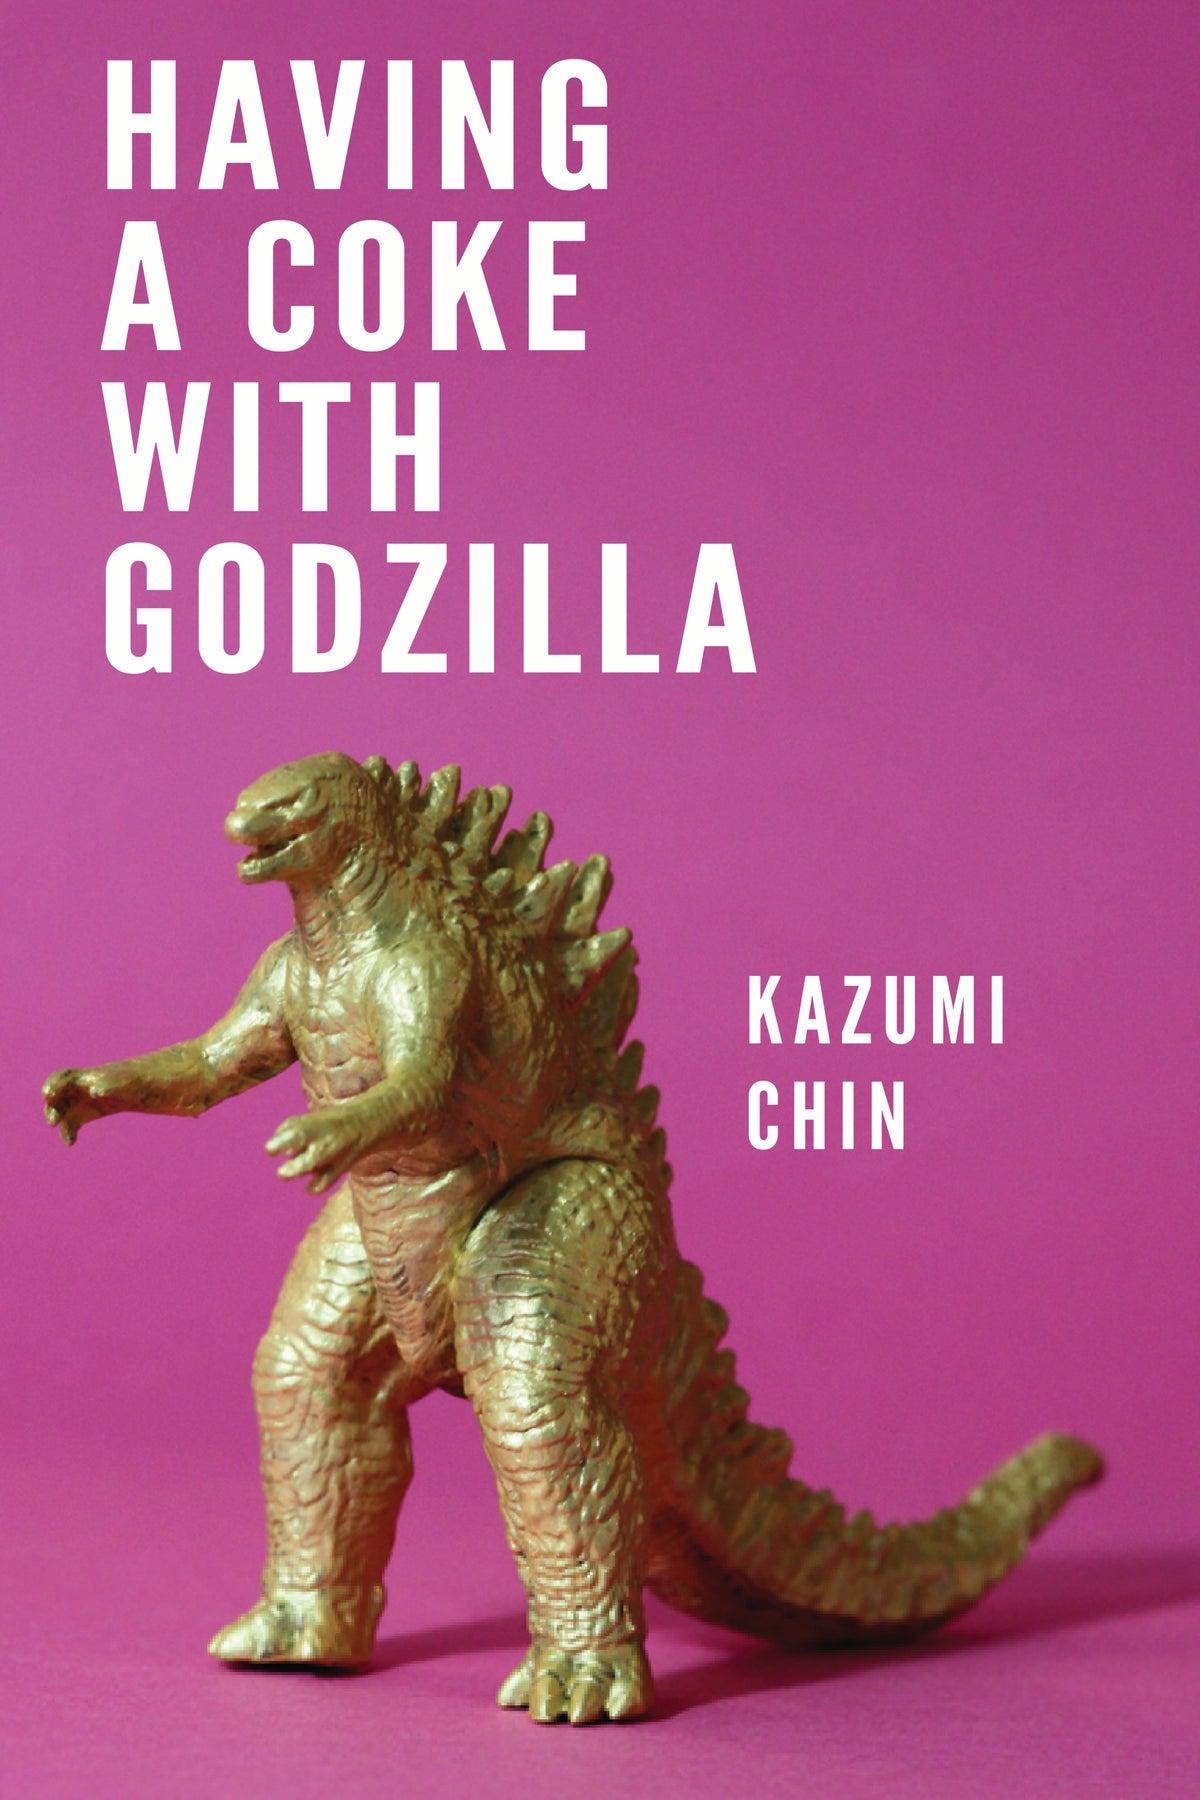 Image of Having a Coke with Godzilla by Kazumi Chin